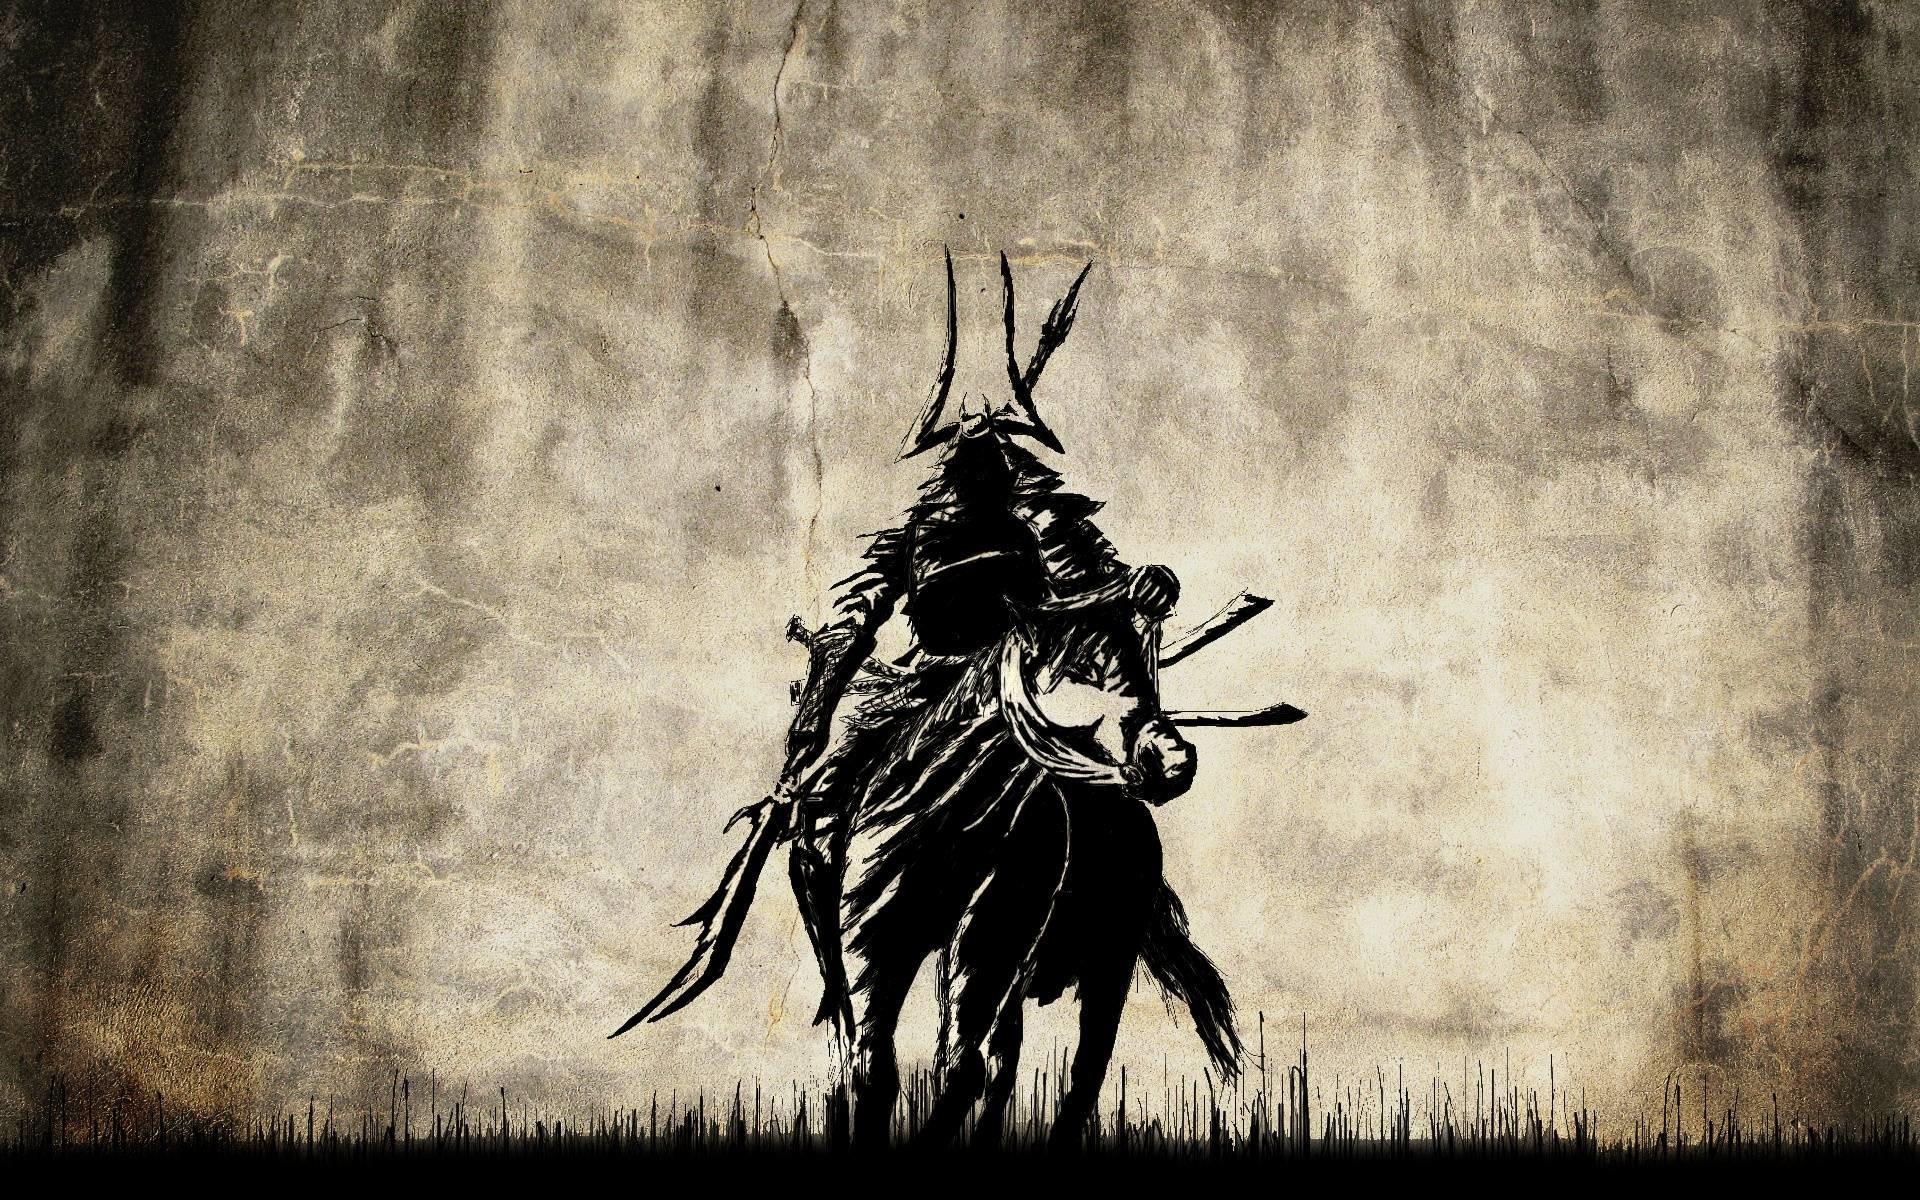 Afro Samurai Wallpapers HD – Wallpaper Cave